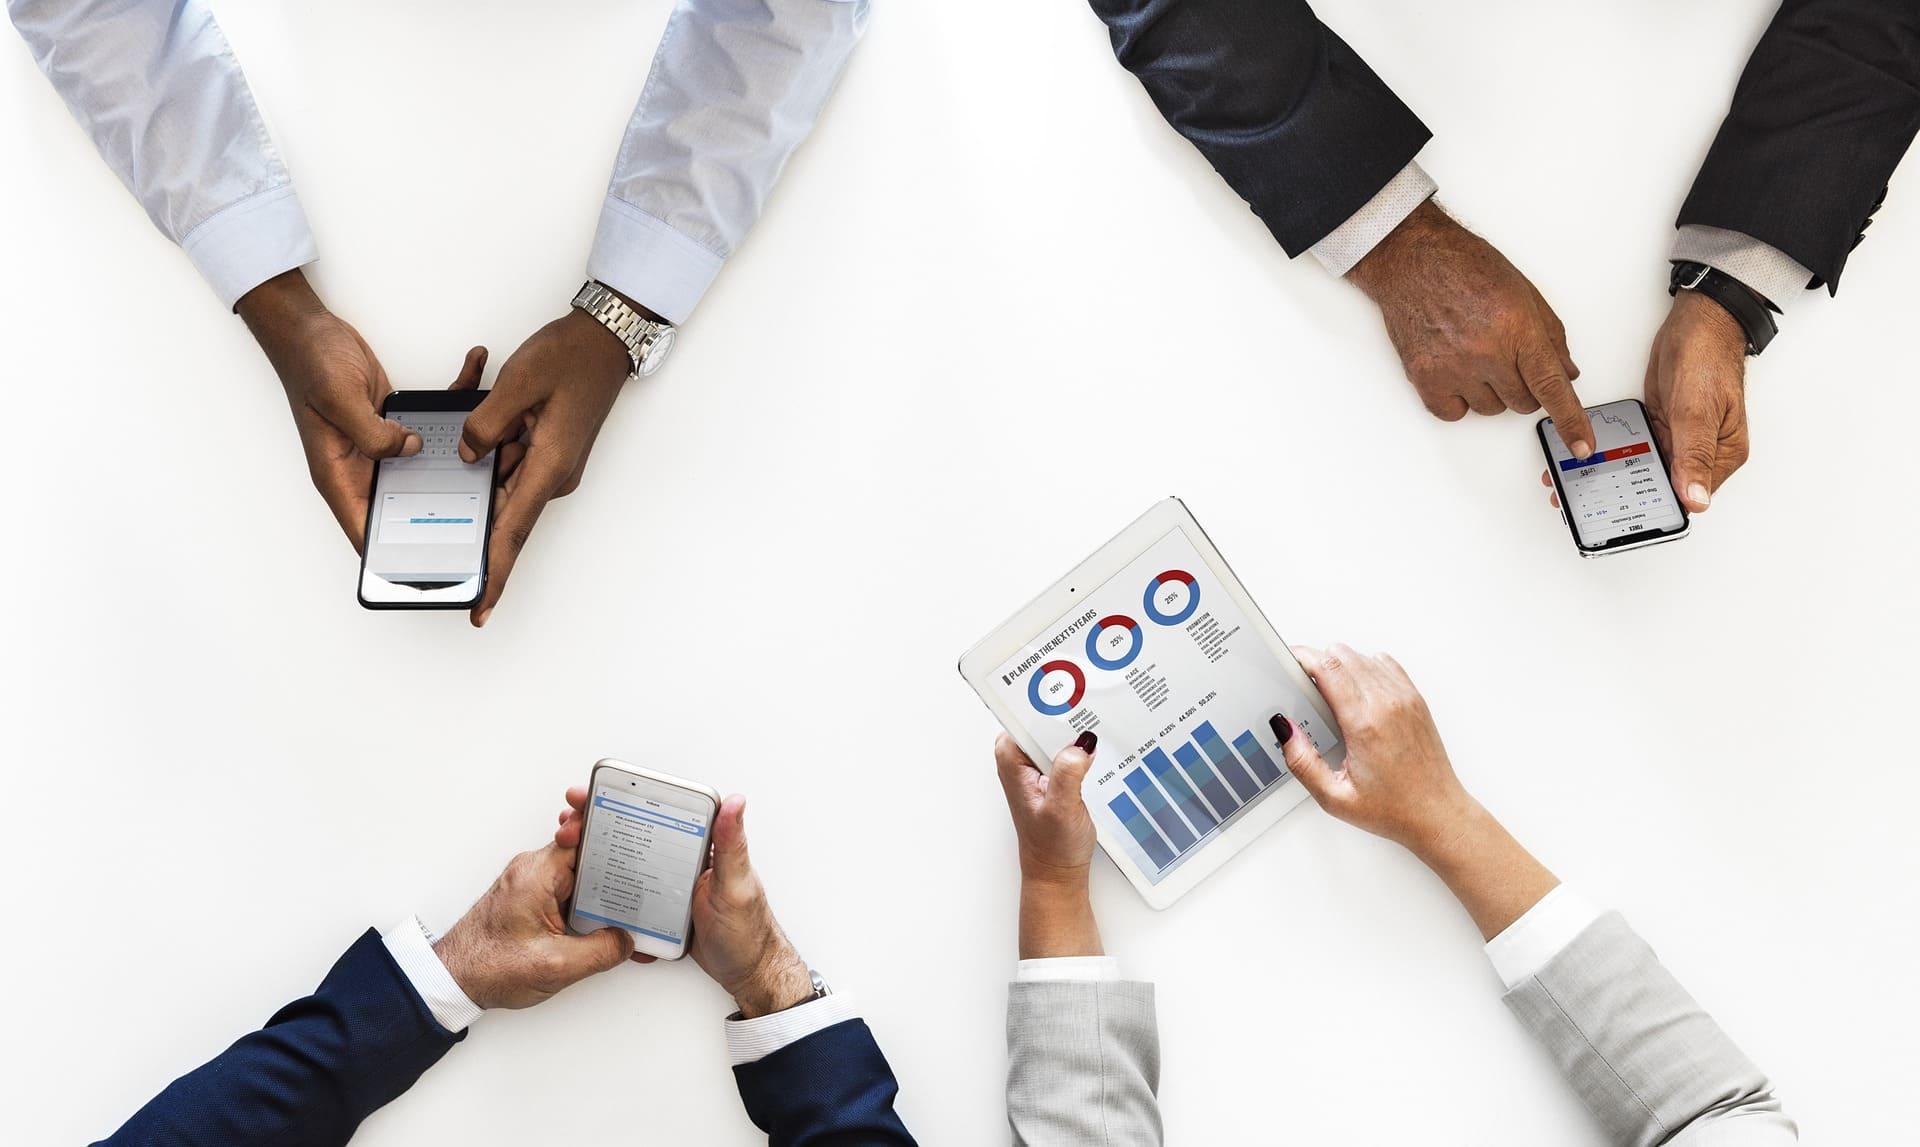 営業のデータドリブンを成功に導くツールとは?|購買プロセスの変化と対応策|Senses Lab.|top